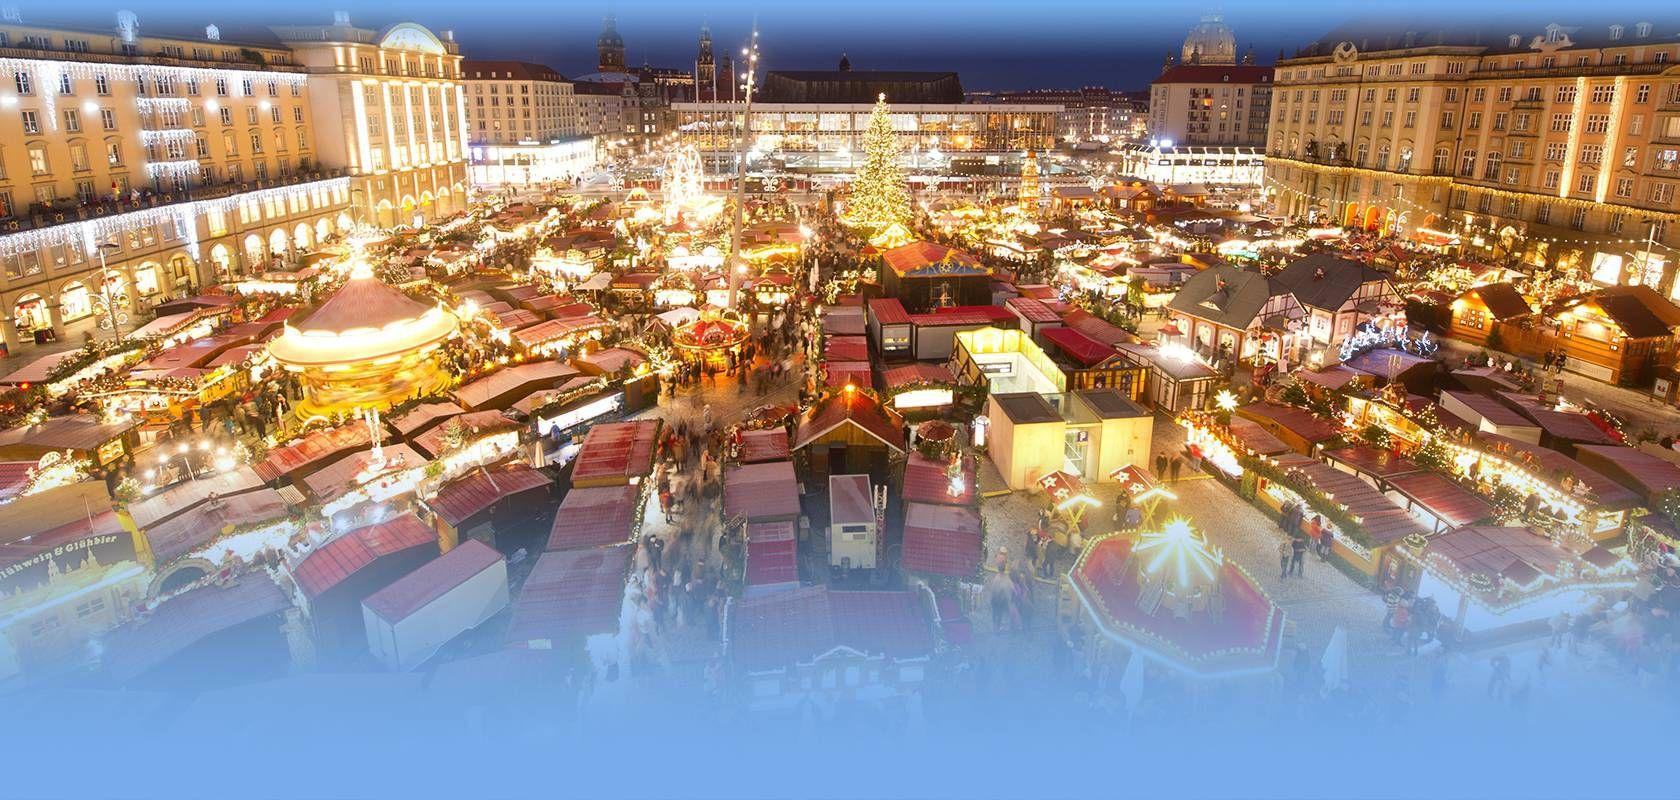 Wetter Weihnachtsmarkt Dresden